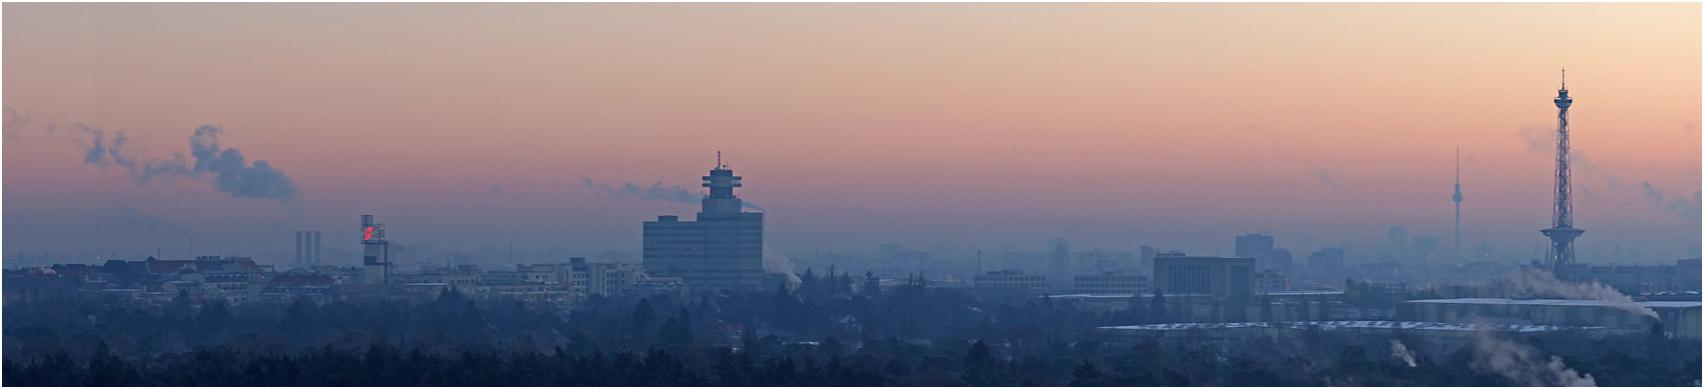 Berlin eiskalt 07